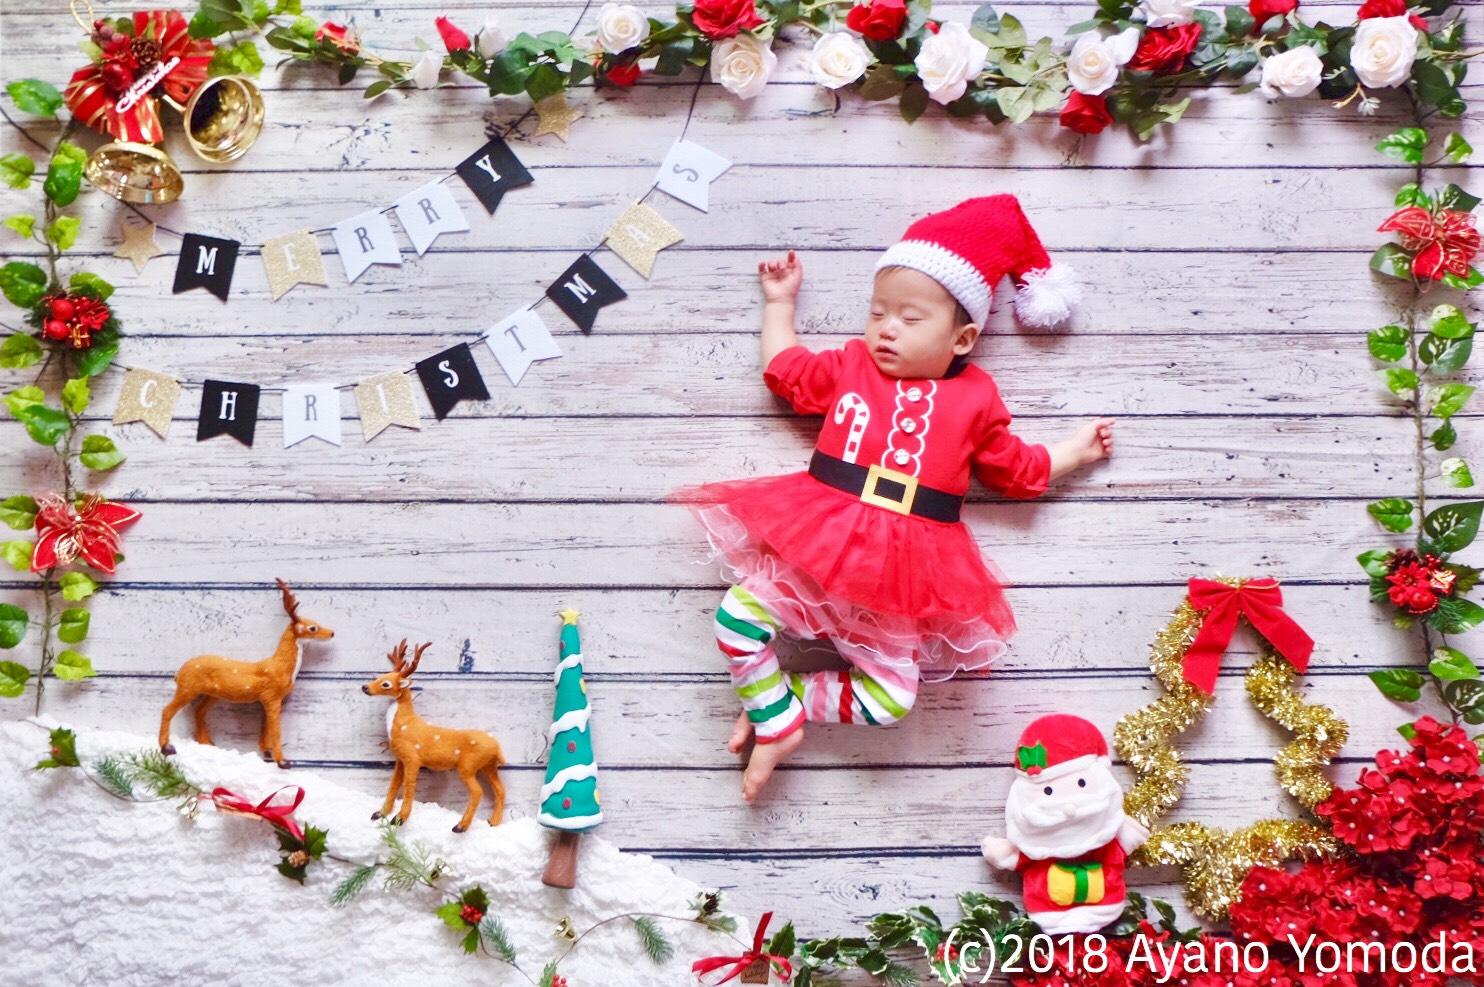 おひるねアート<br>「Christmas frame」